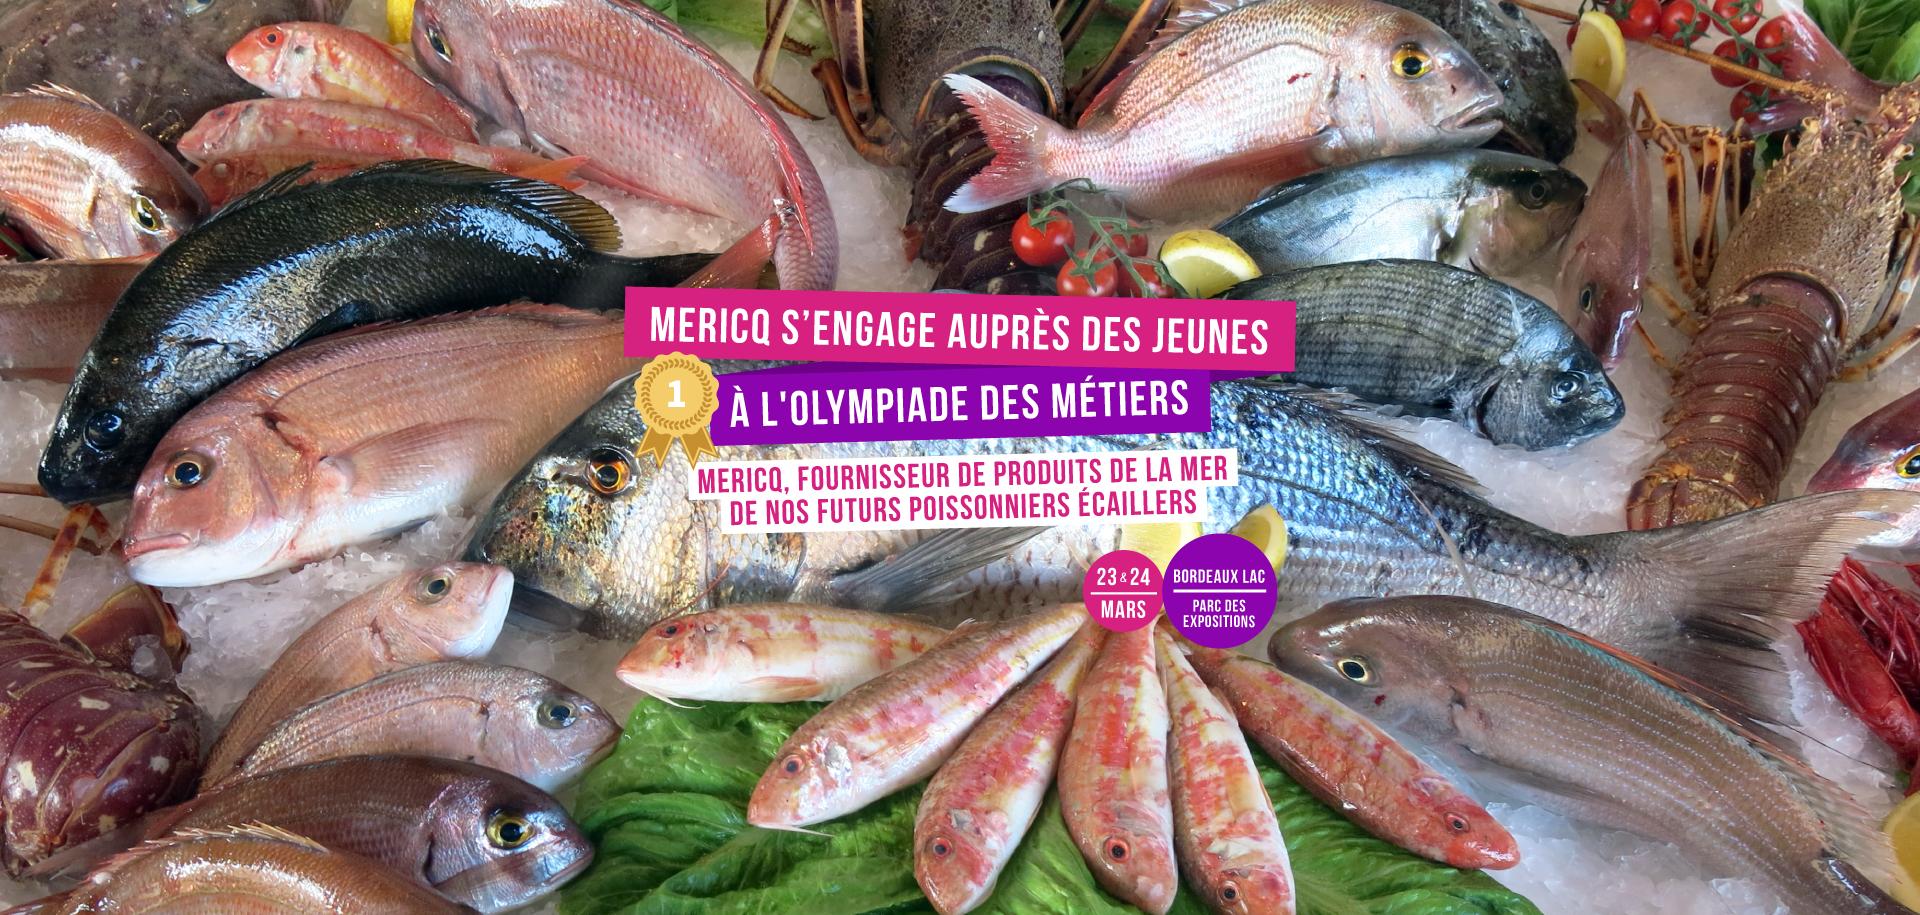 Olympiade des métiers poissonnerie